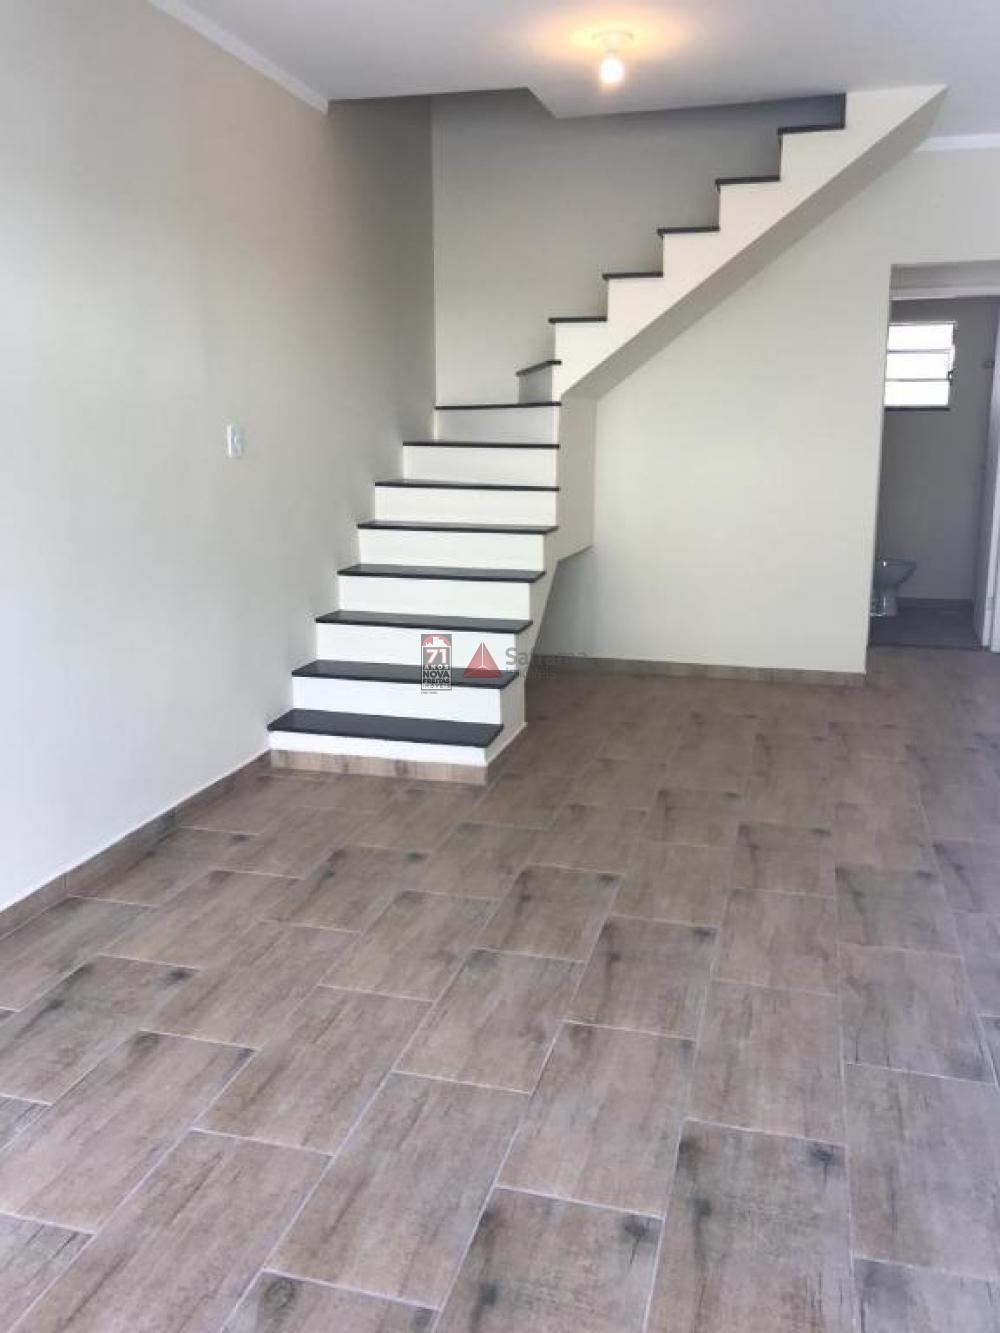 Comprar Casa / Sobrado em Condomínio em Caraguatatuba apenas R$ 259.000,00 - Foto 7